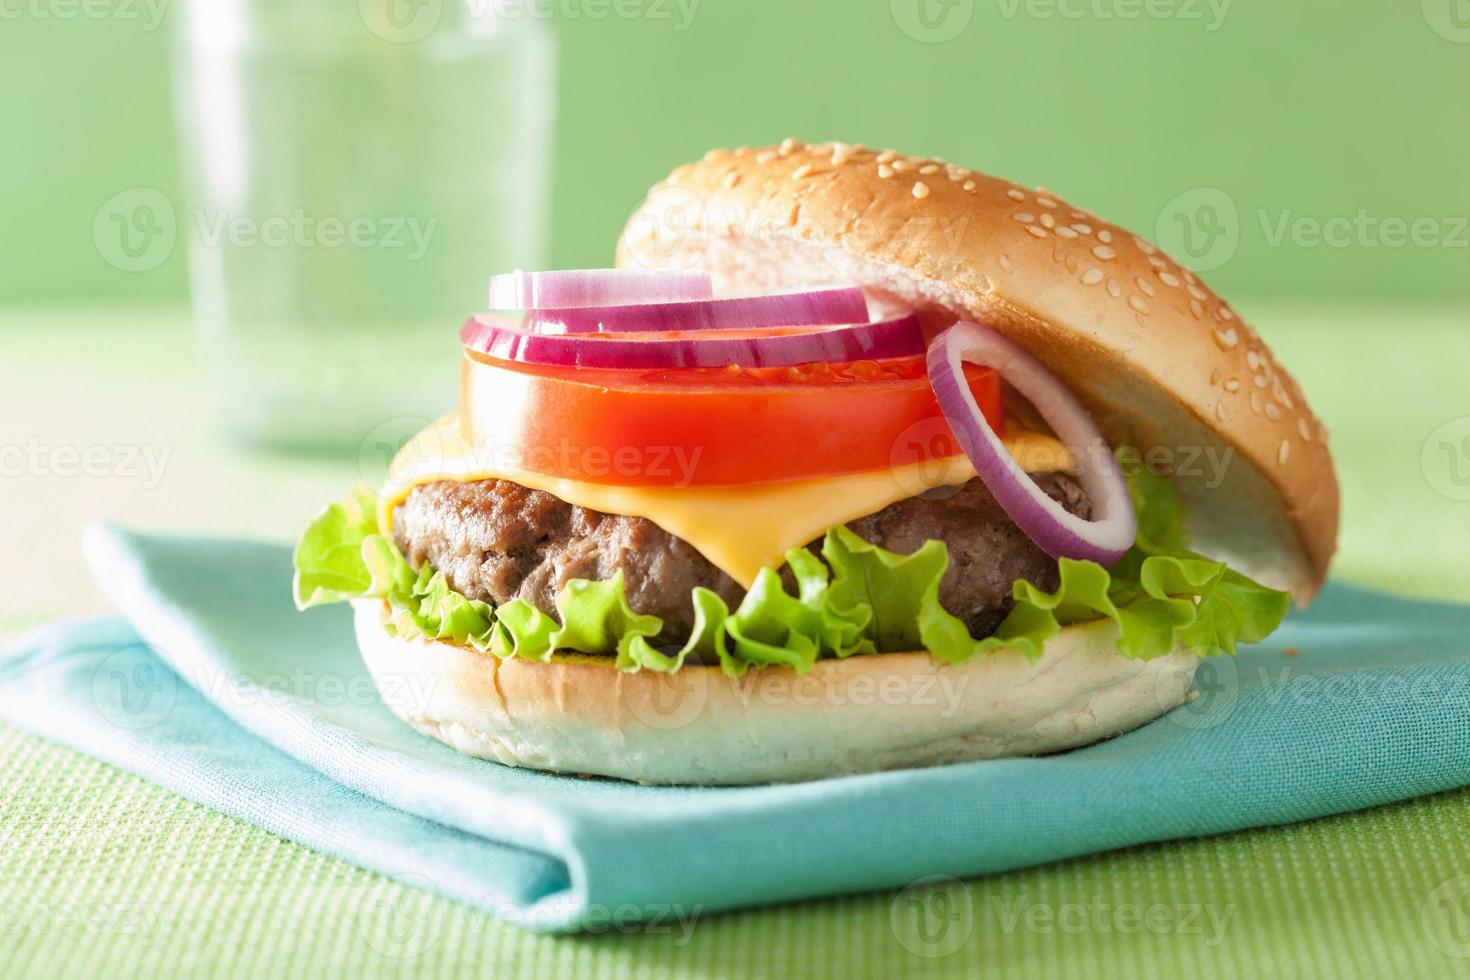 hamburguesa con queso con empanada de carne lechuga con queso cebolla tomate foto